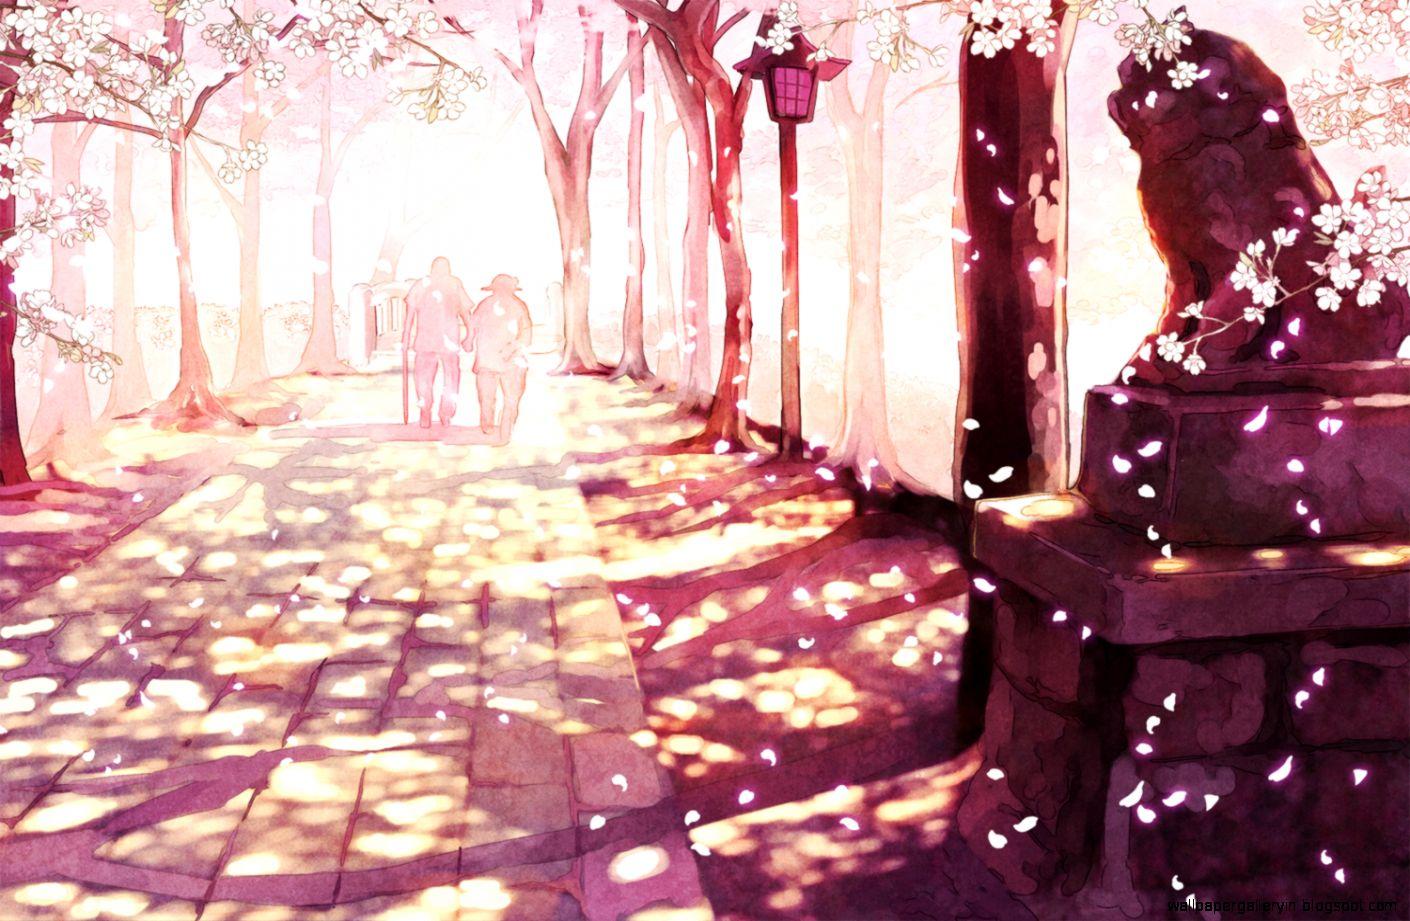 Download Wallpaper Hello Kitty Sakura - desktop-images-of-sakura  Snapshot_906418.jpg